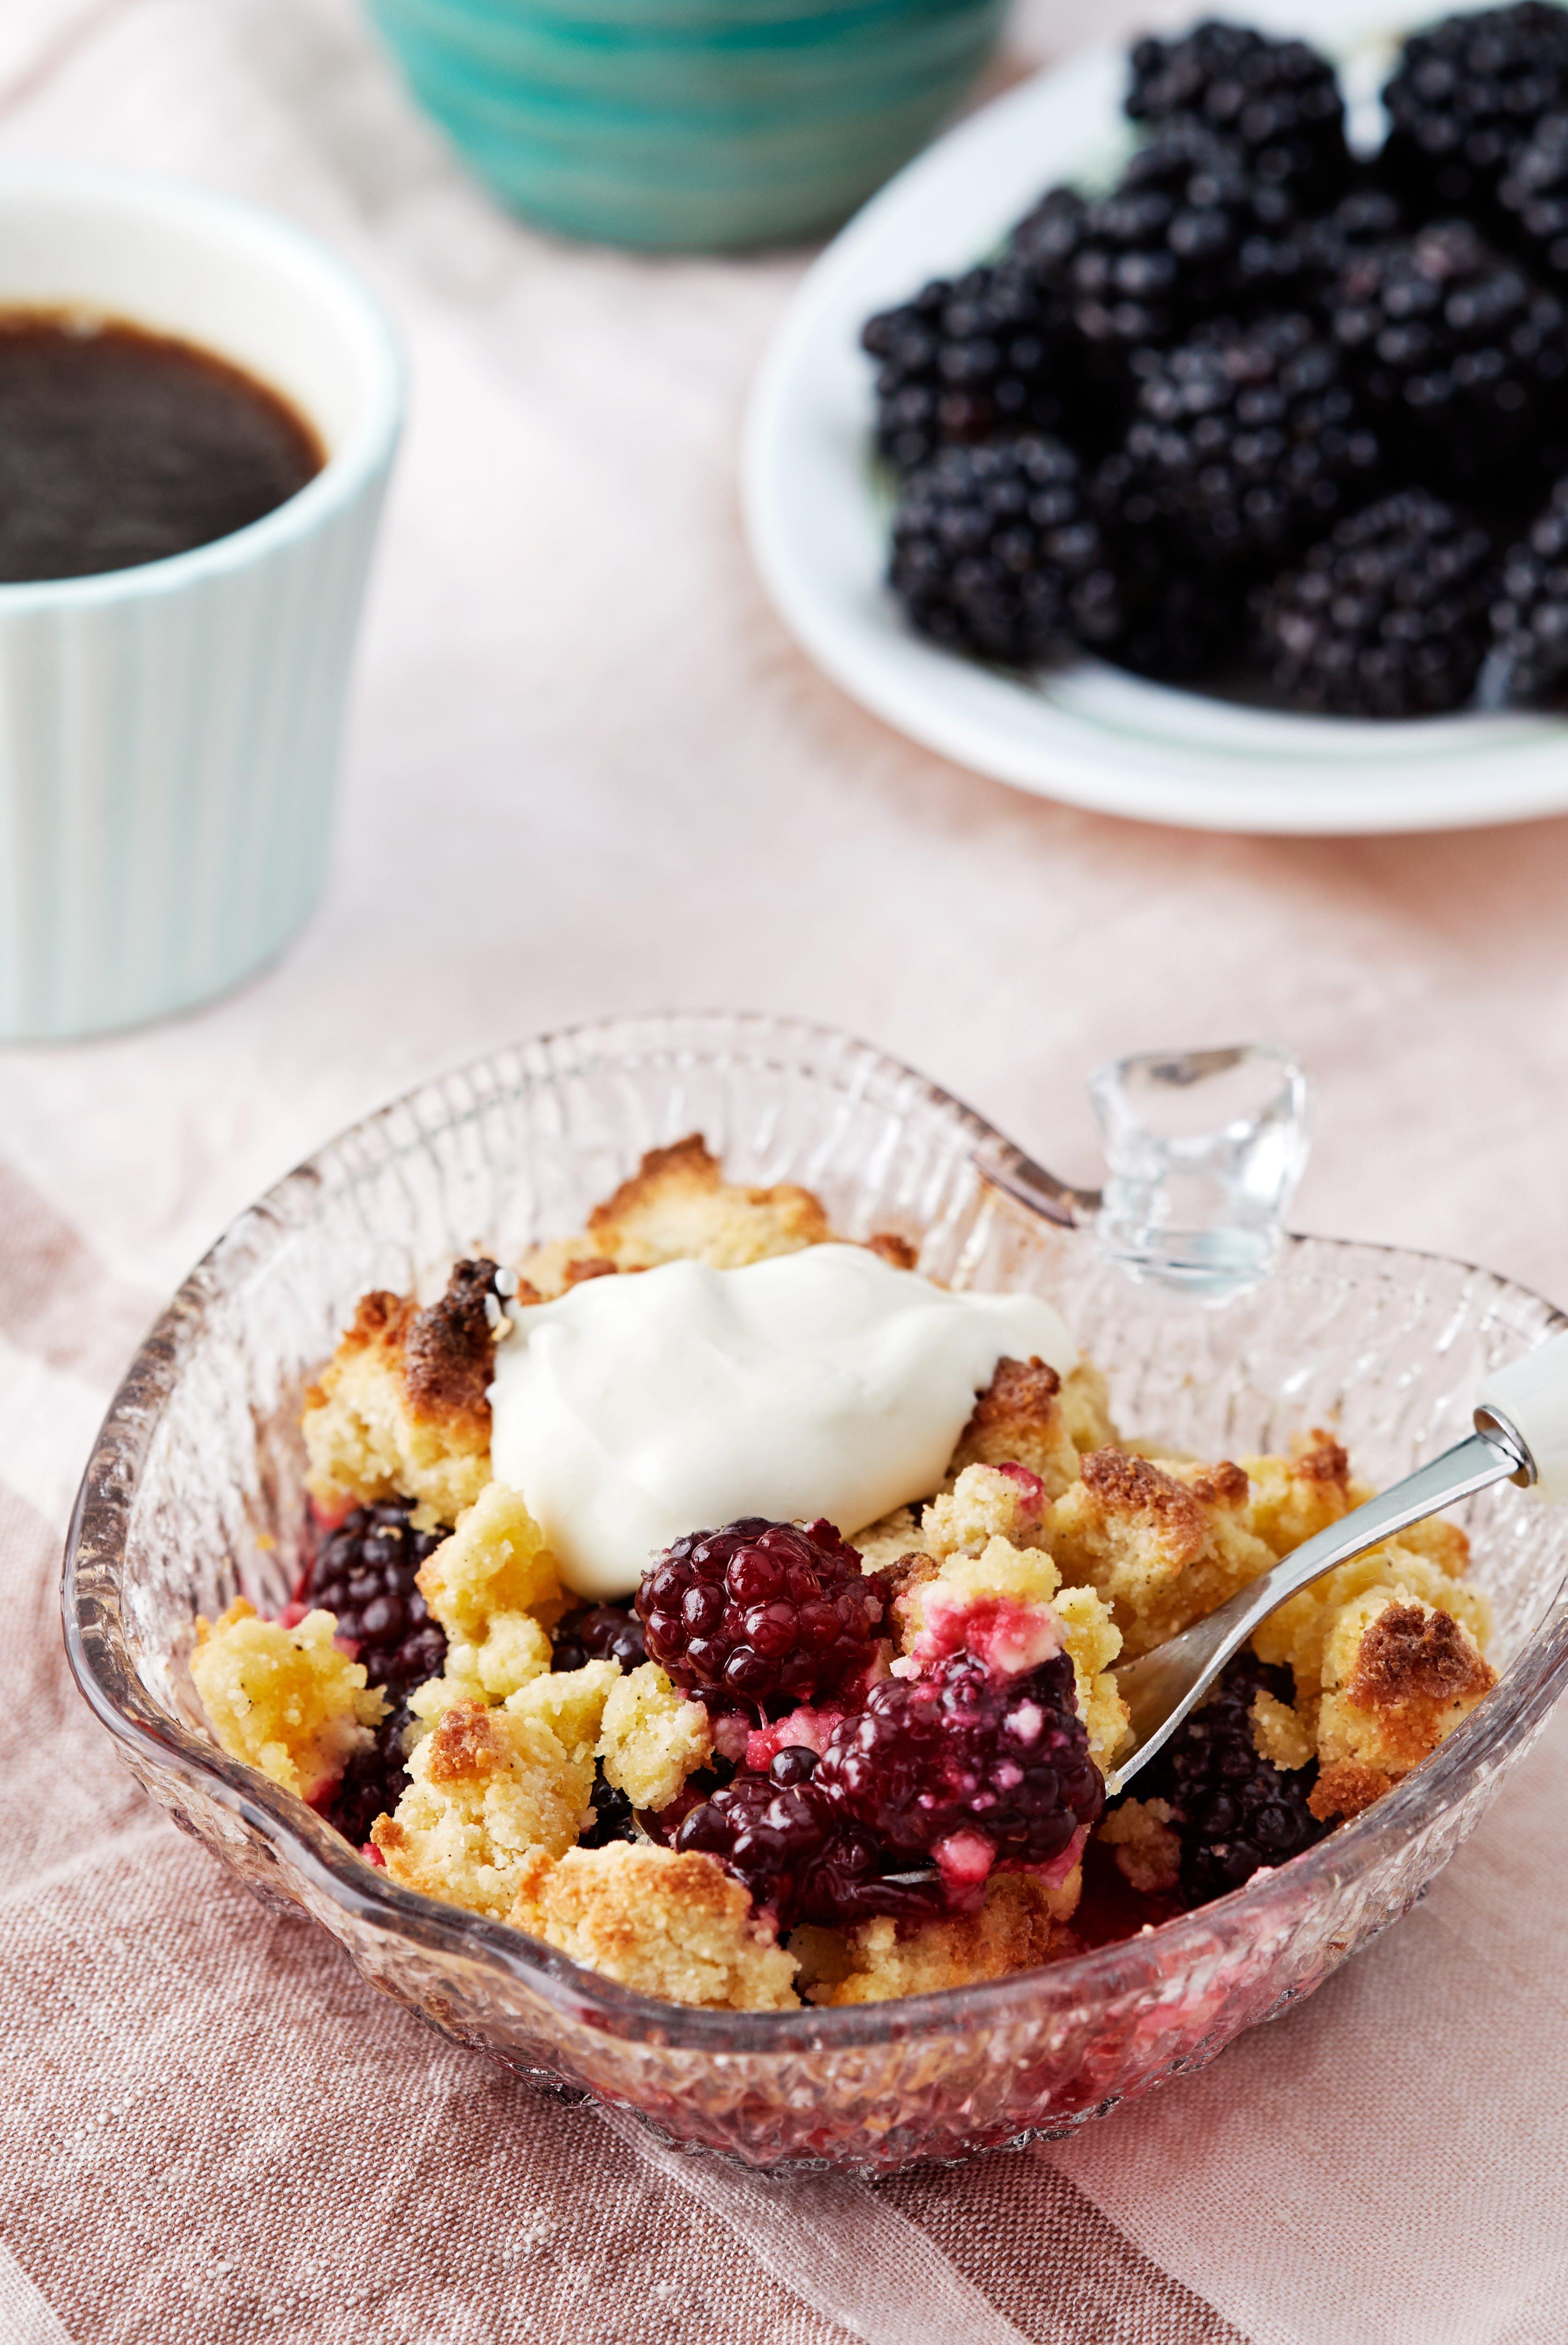 Low-carb blackberry cobbler